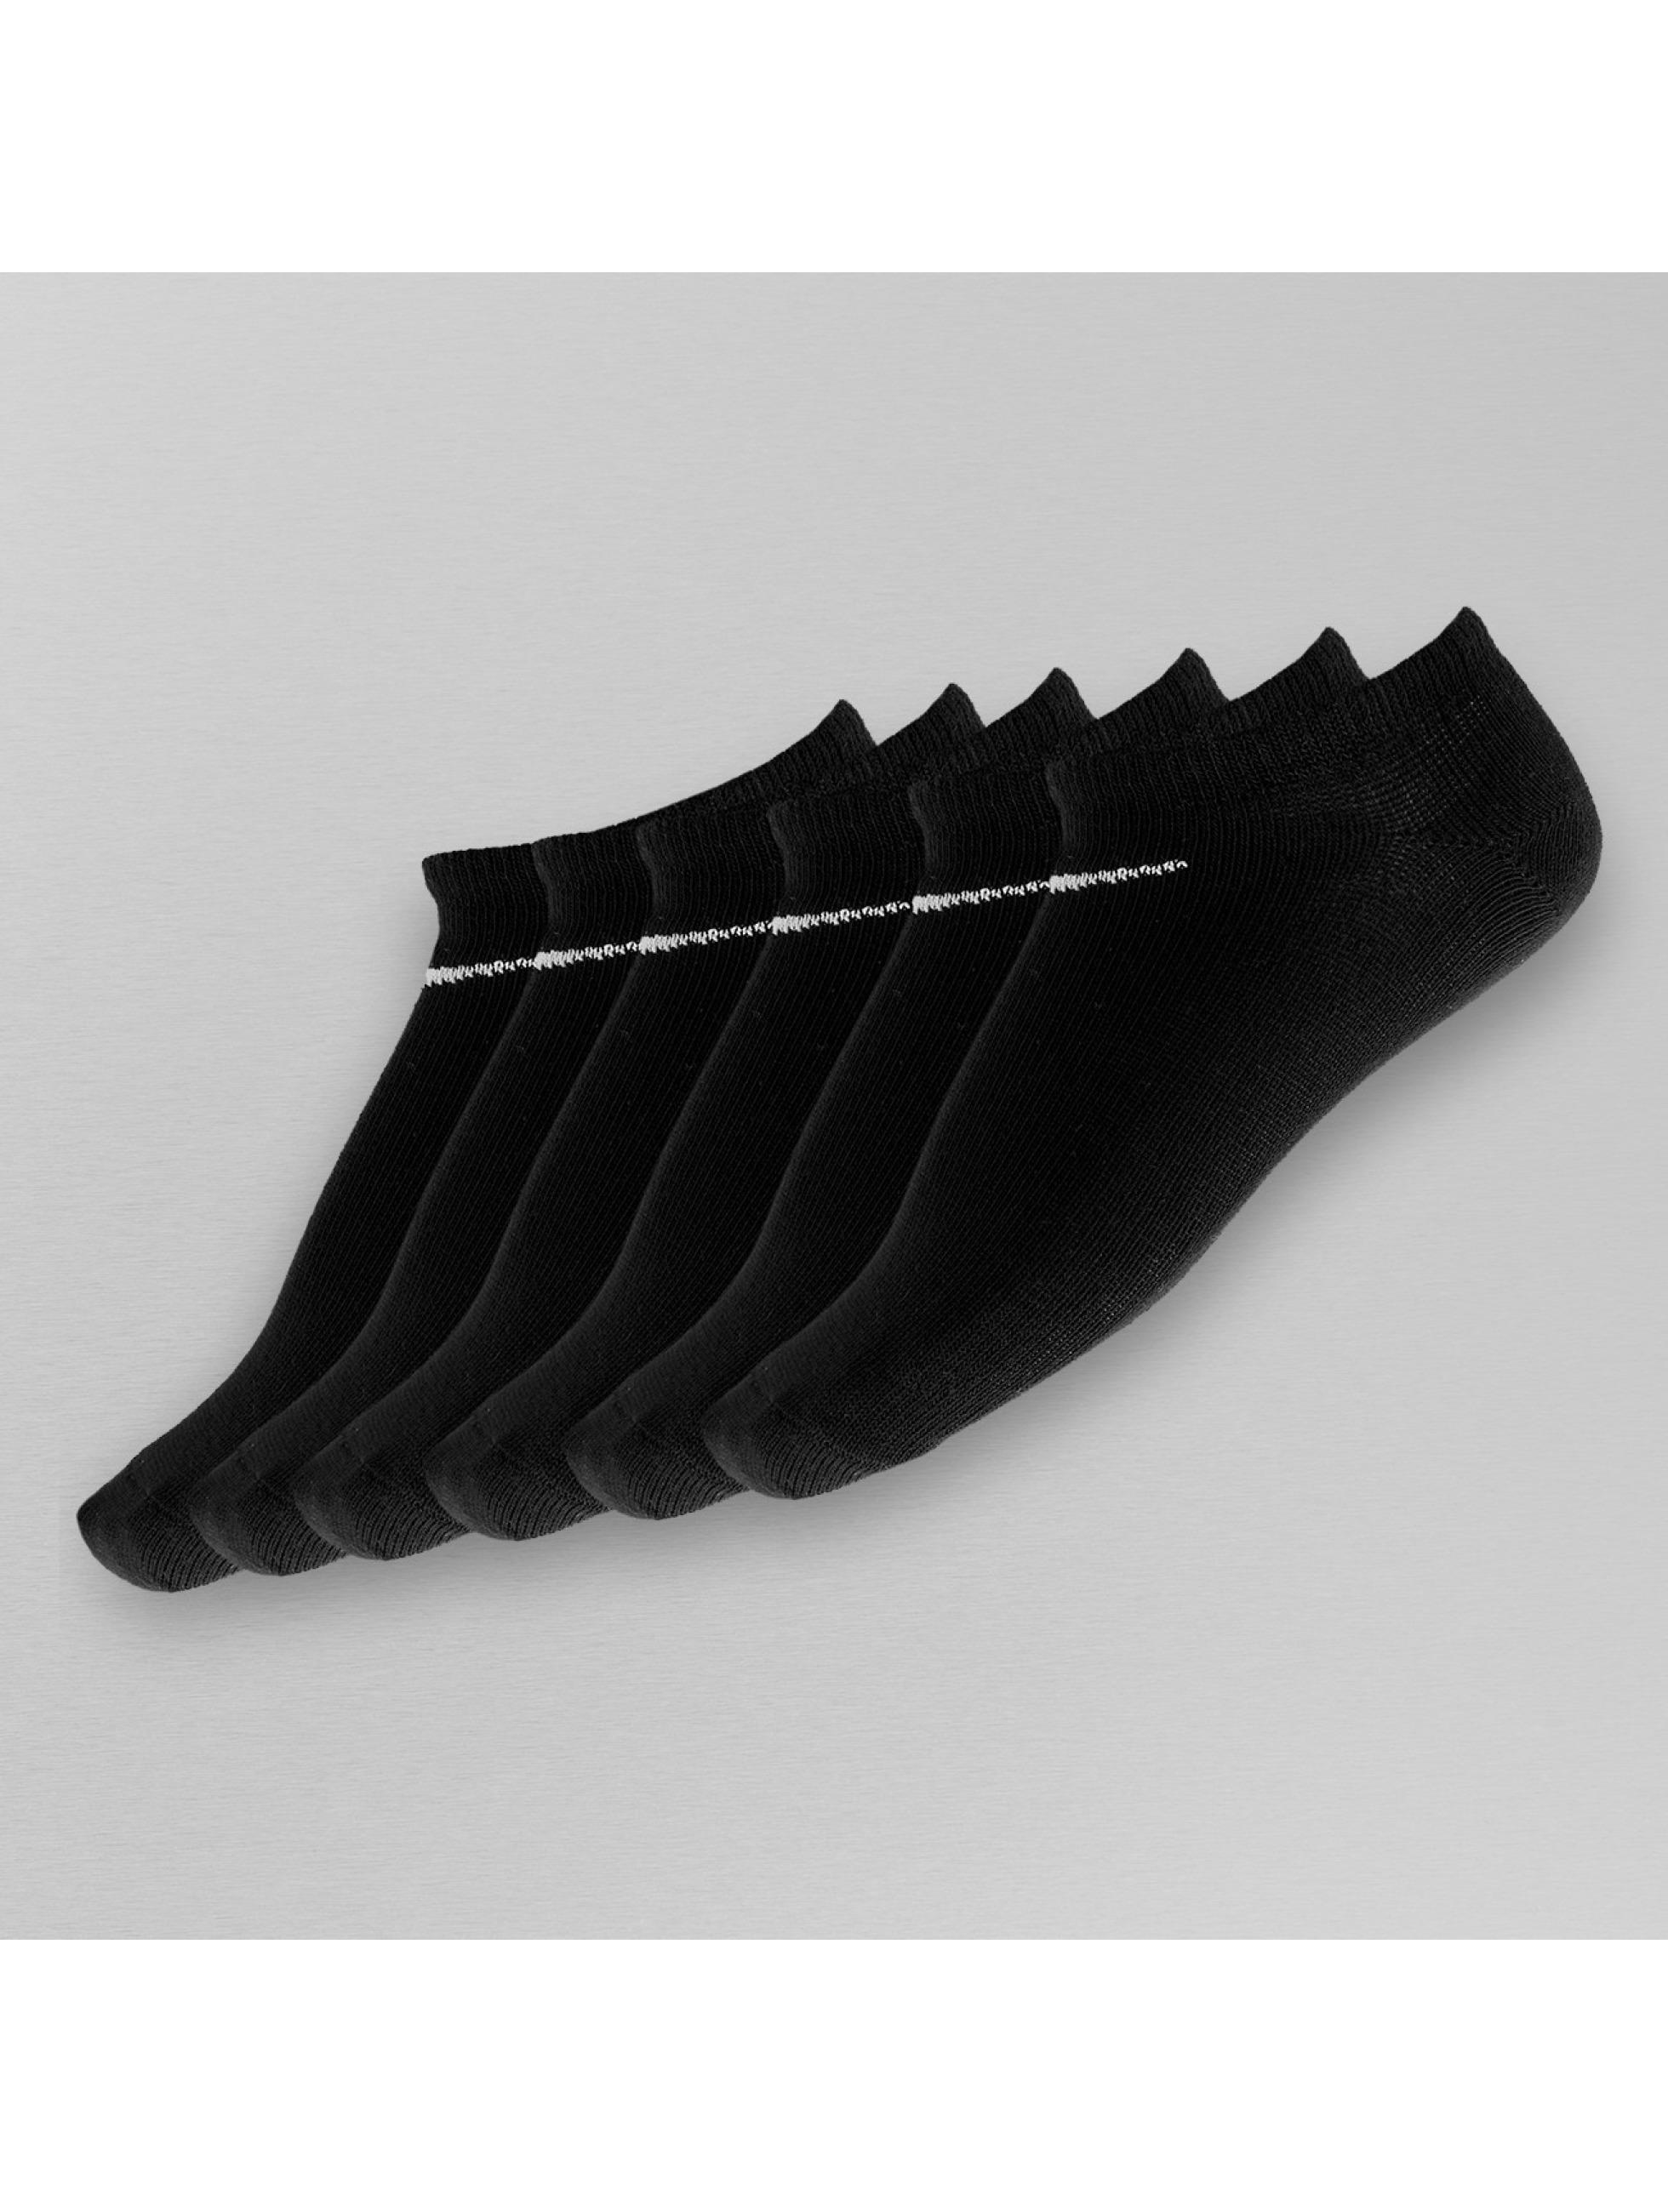 Nike Socken 3PPK Value Show schwarz